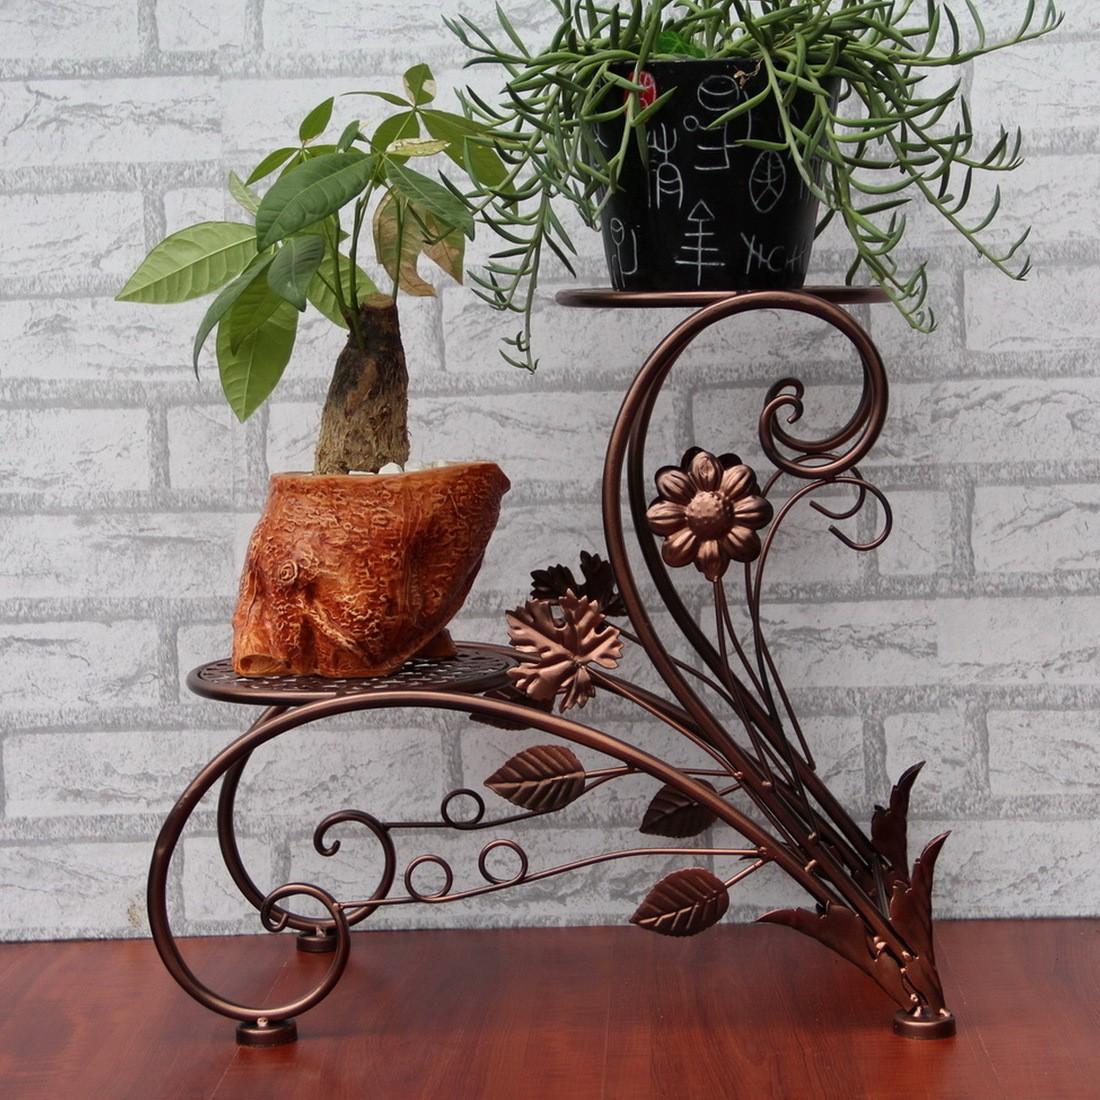 осетр цветочницы из металла картинки этом фото кафе